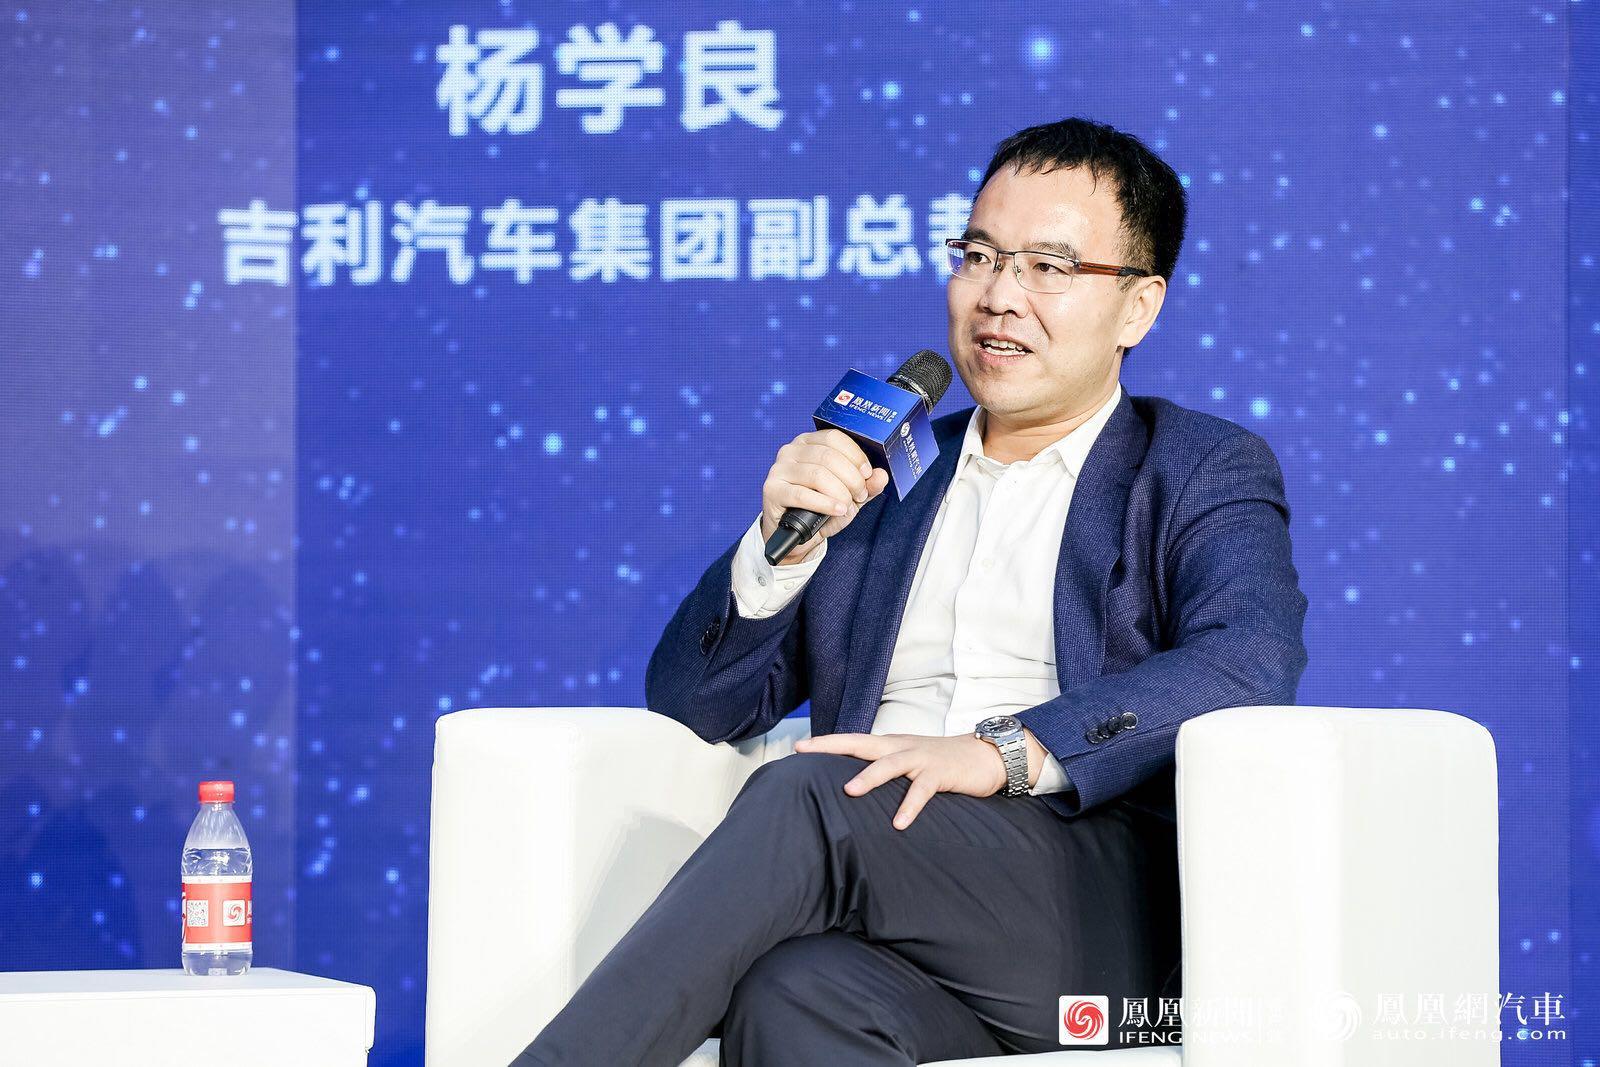 杨学良:未来出行领域发展的关键在于传统车企的崛起